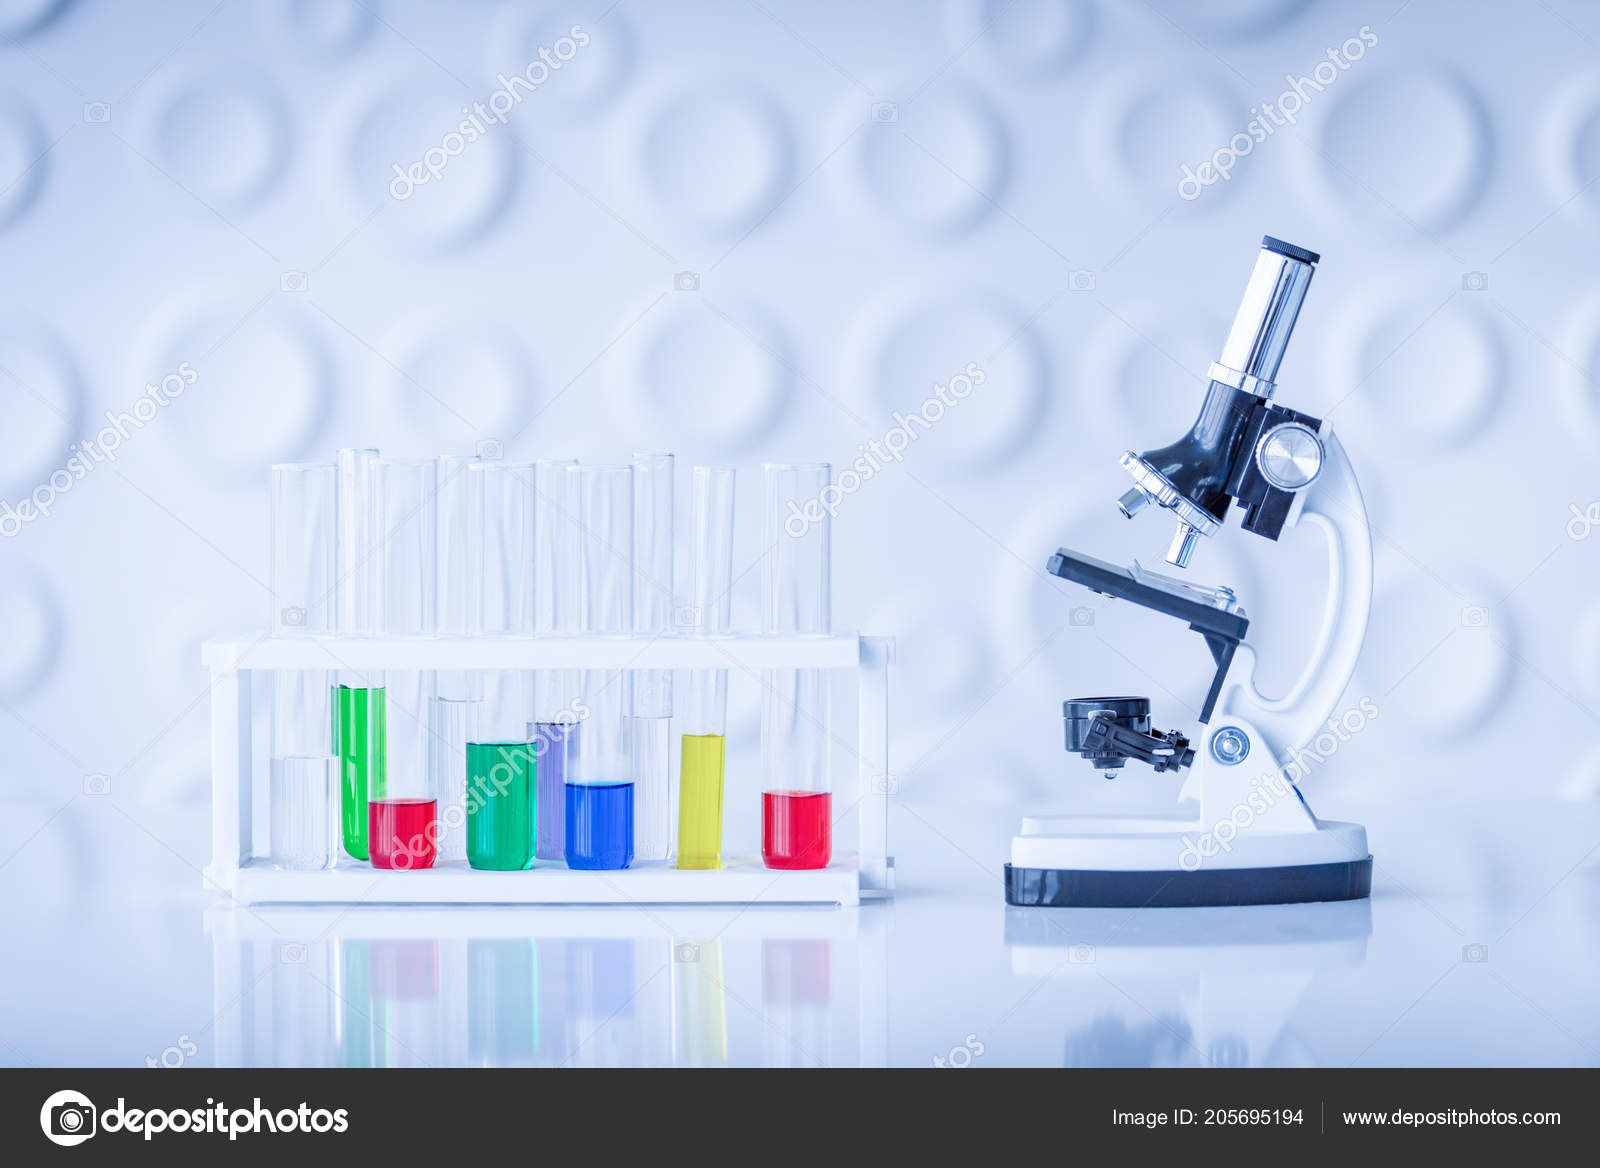 Mikroskop und bunten reagenzgläser auf tisch labor wissenschaft